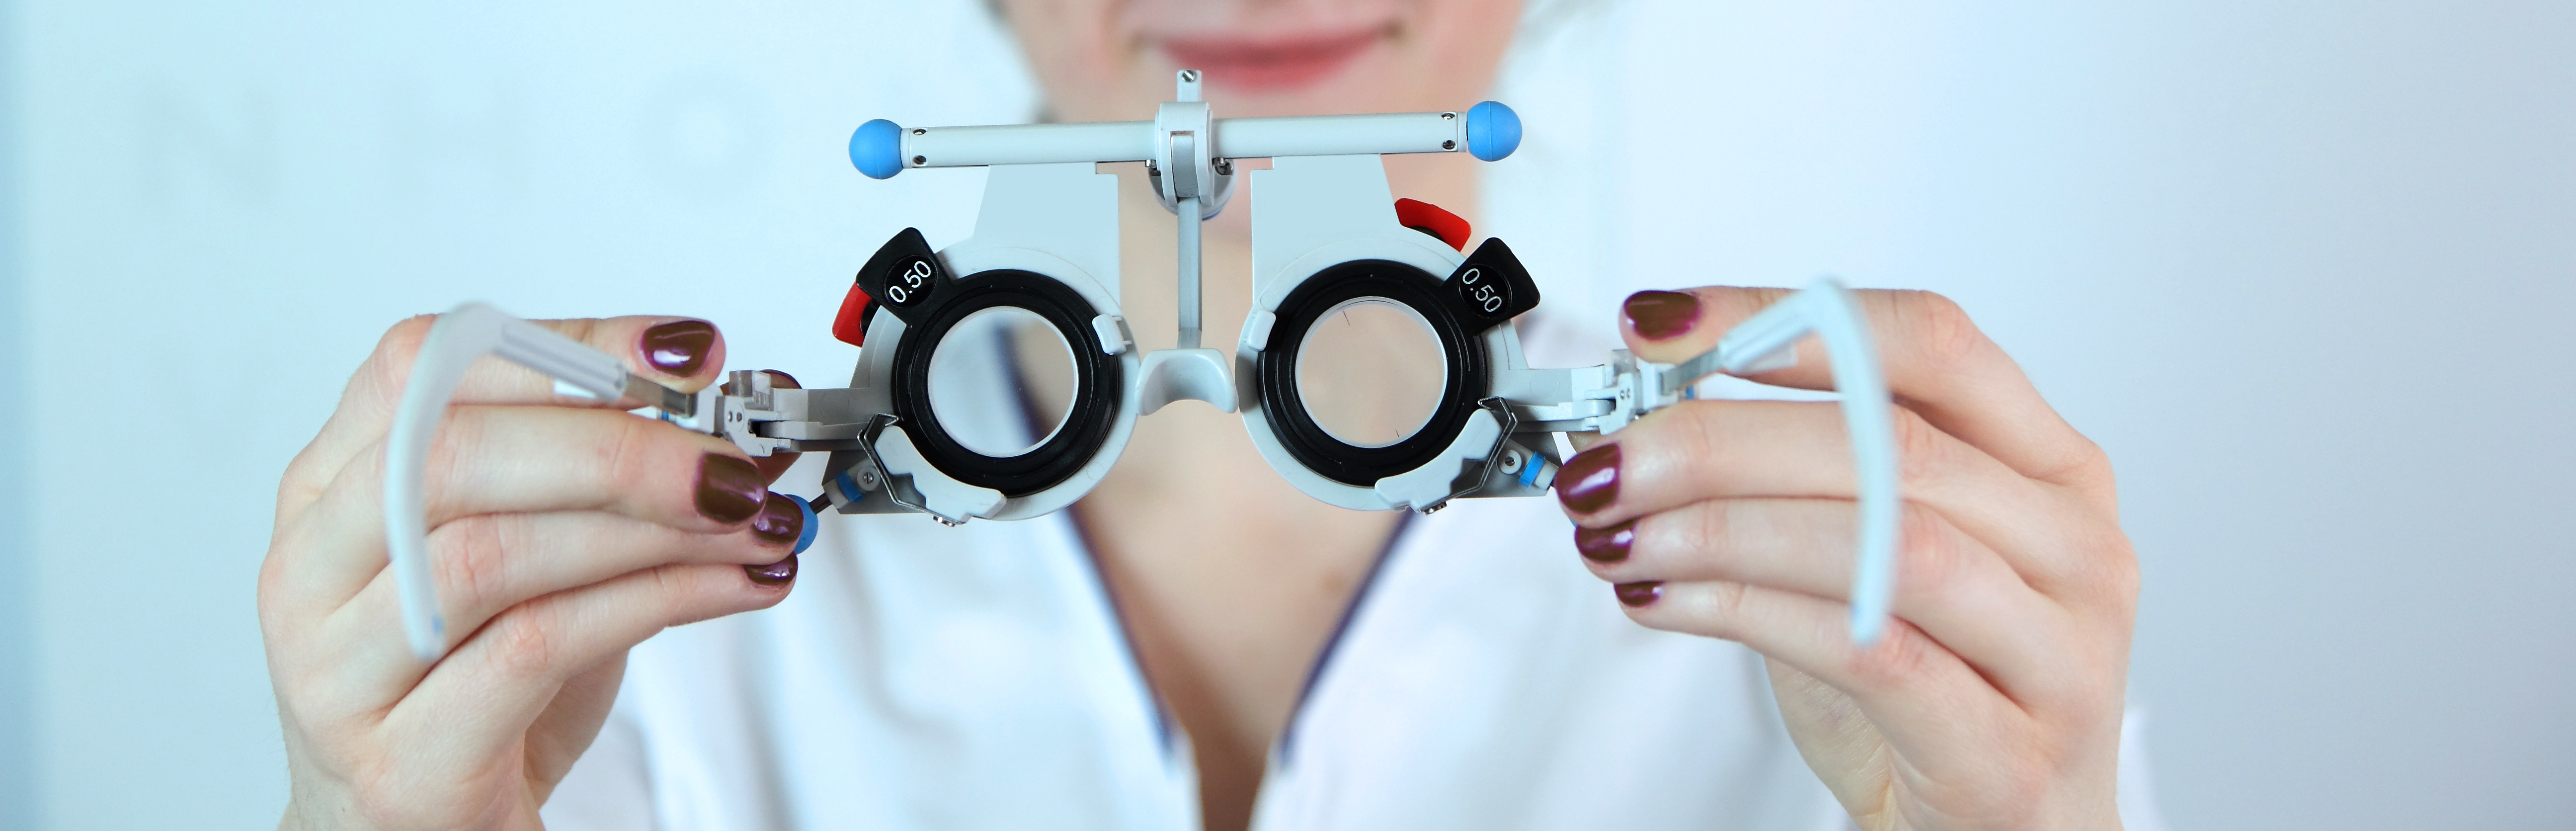 Course Image RedZR003-LV : Klīniskā prakse optometrijā II